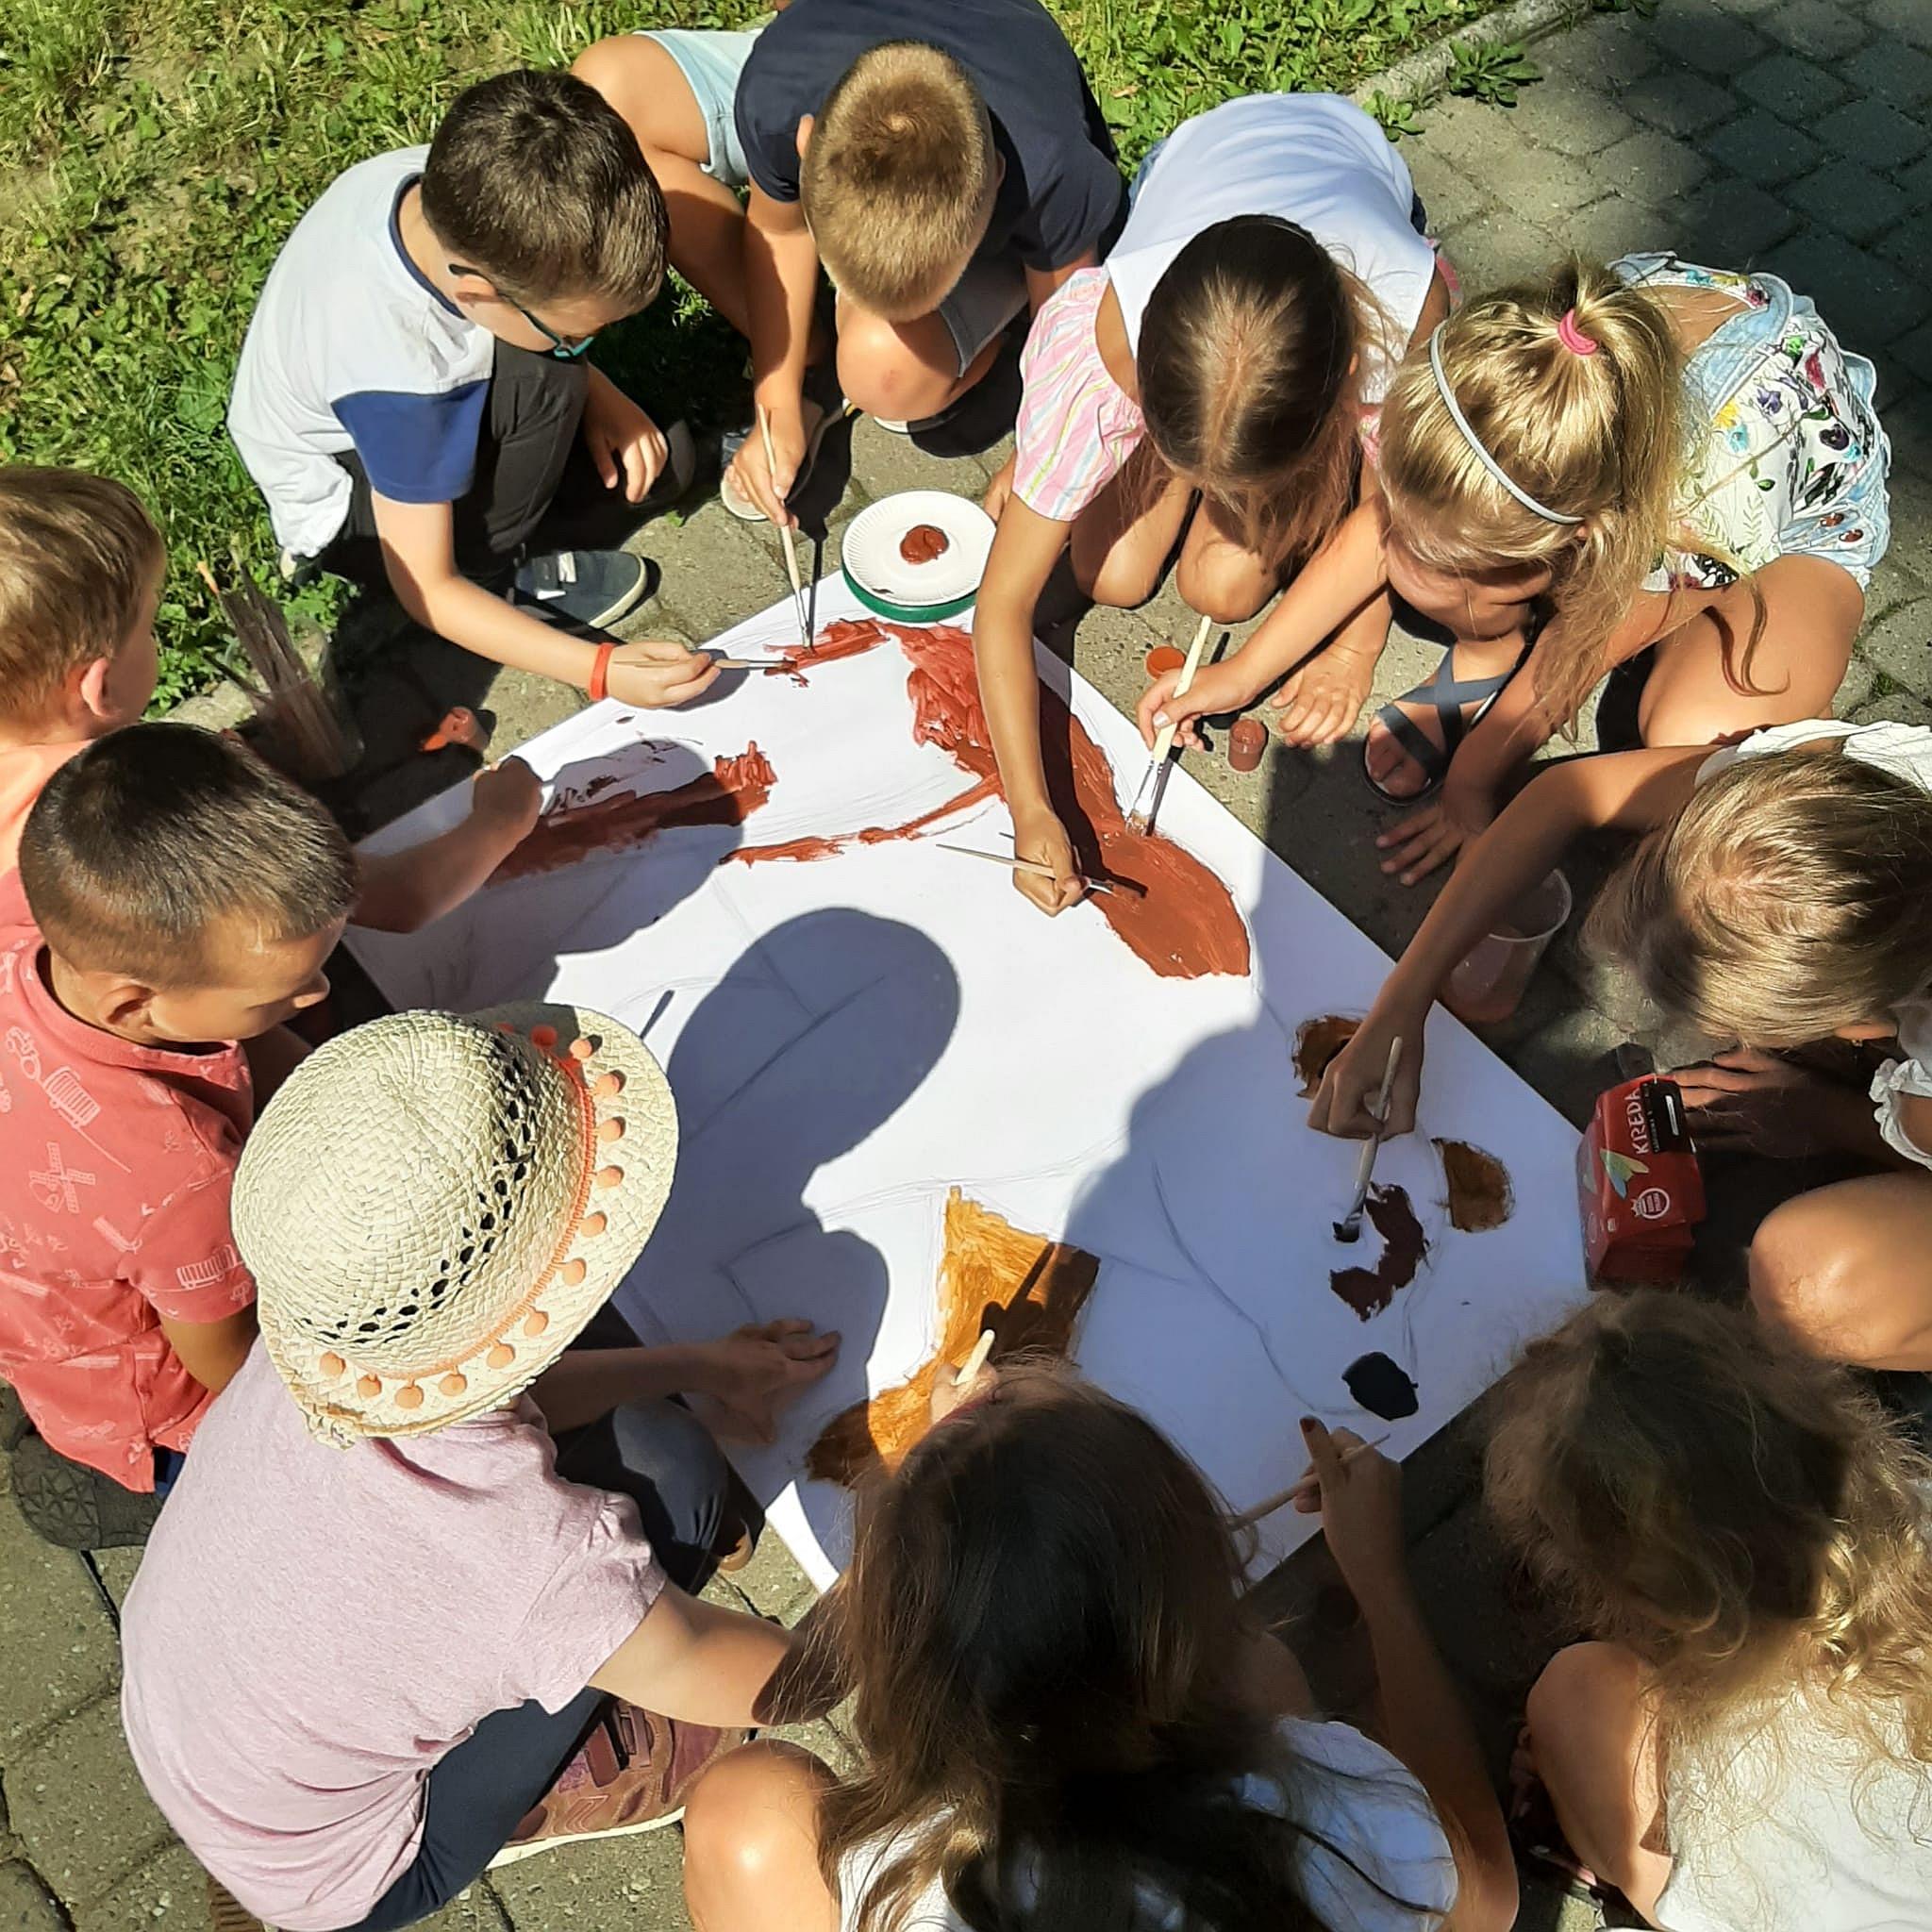 Szaleństwa Pana Brumma - Wakacyjne Zabawy Z Książką - Lato 2021 - Zajęcia W Parku Miejskim